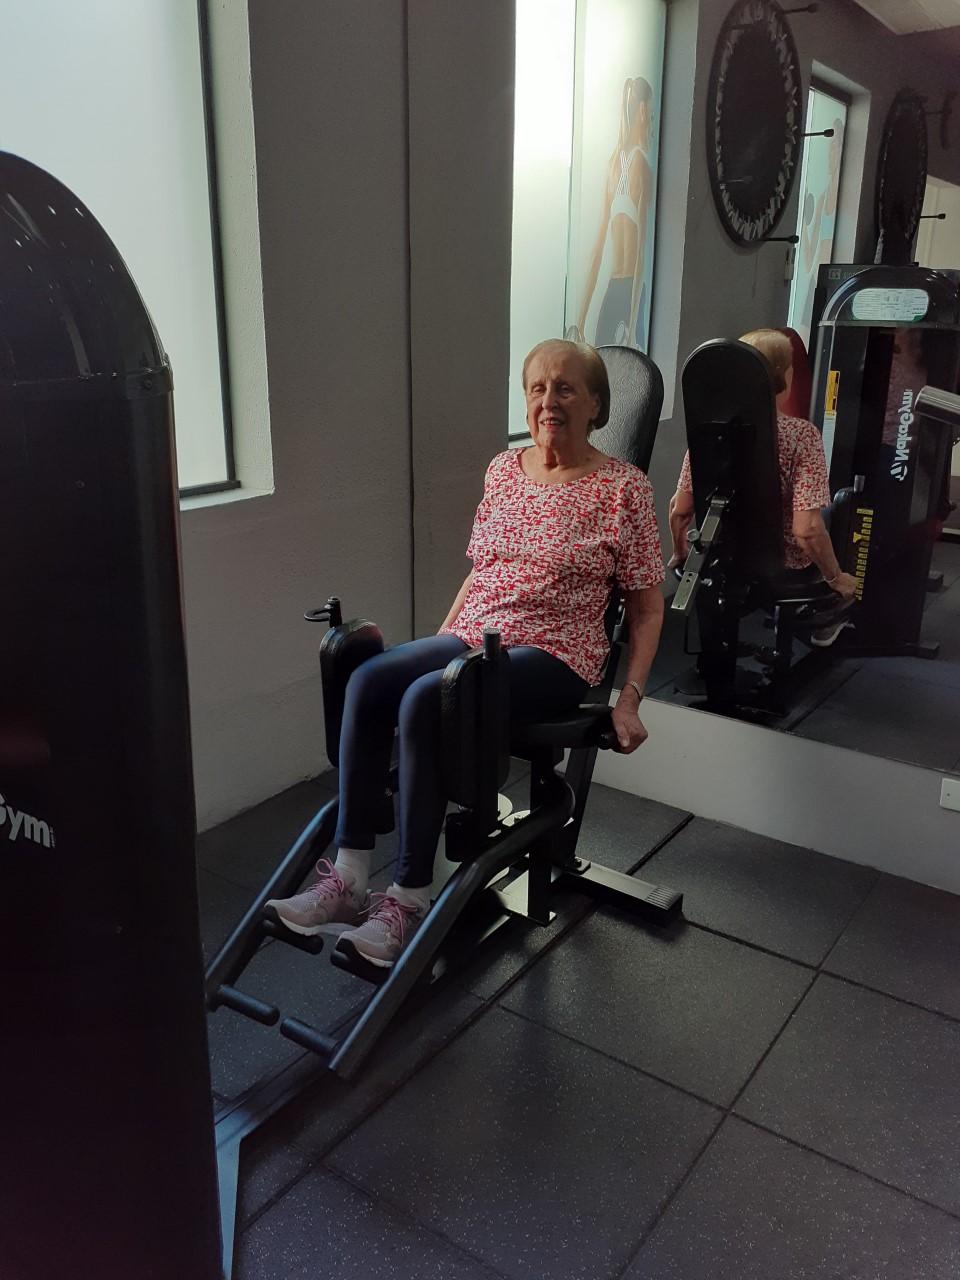 Nossa aluna 94 anos praticando Musculação.